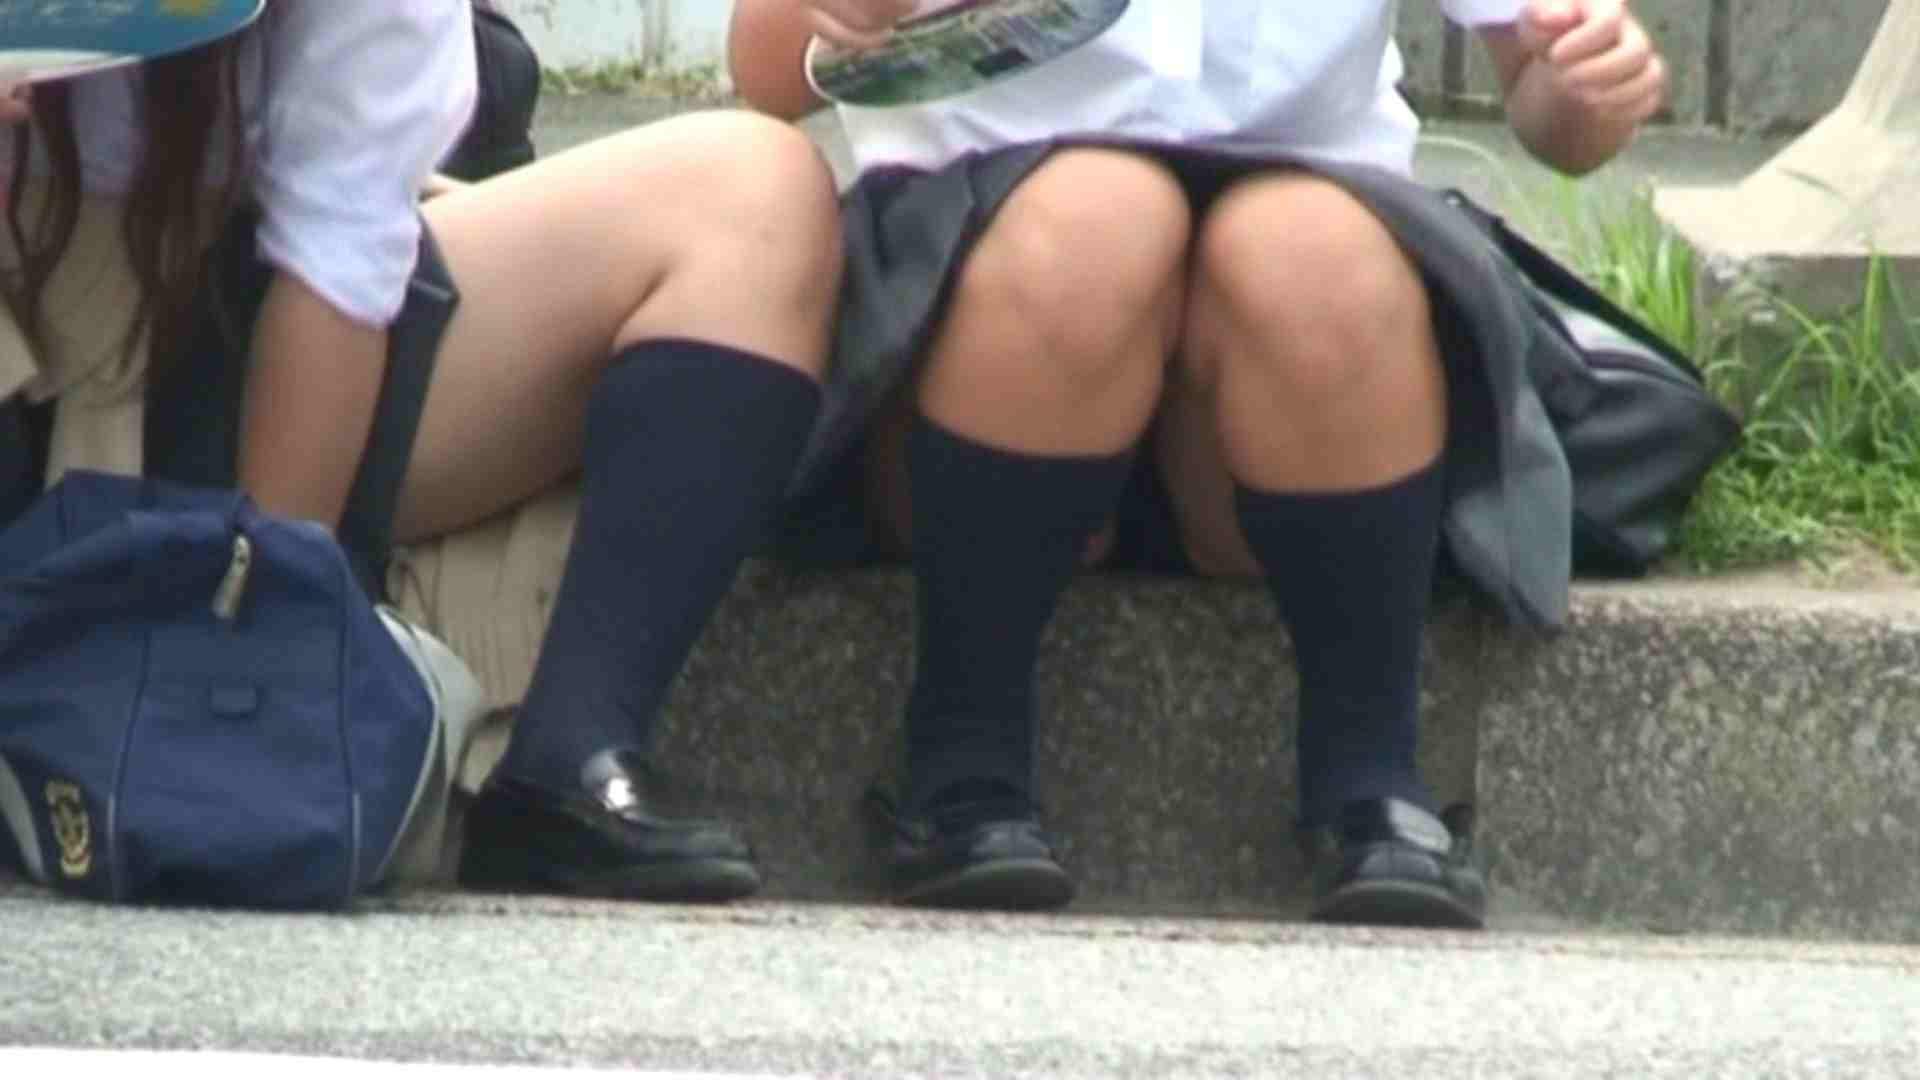 望遠パンチラNo11 学校潜入 セックス画像 105PIX 103